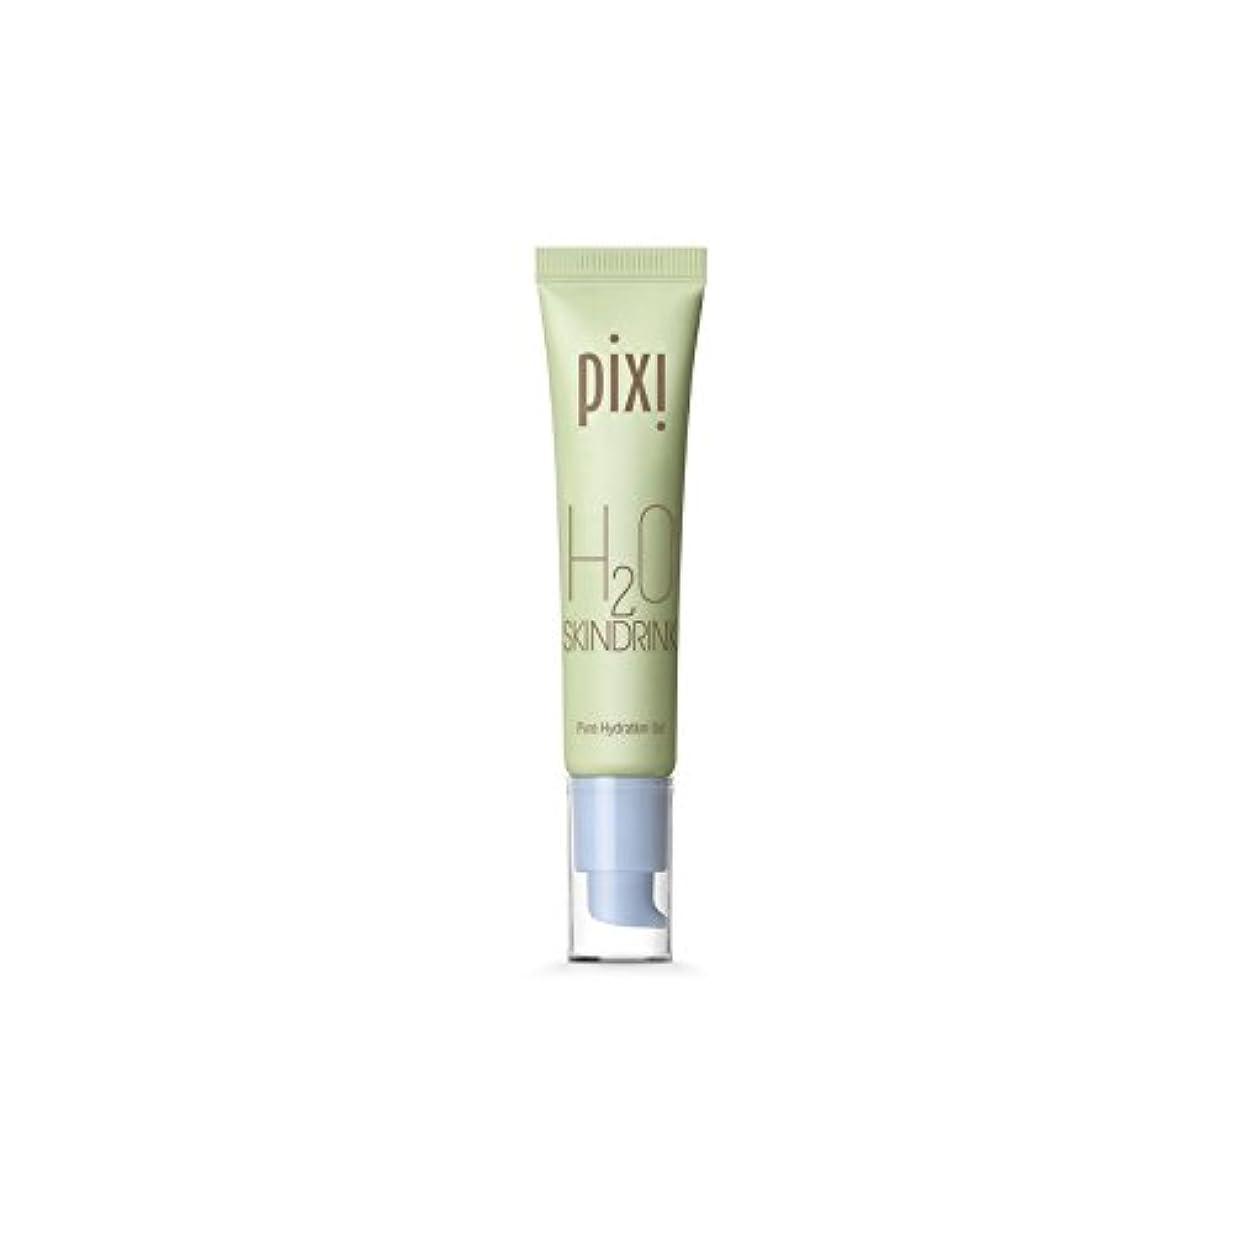 食物ノベルティフィドル20スキンドリンク x2 - Pixi H20 Skin Drink (Pack of 2) [並行輸入品]